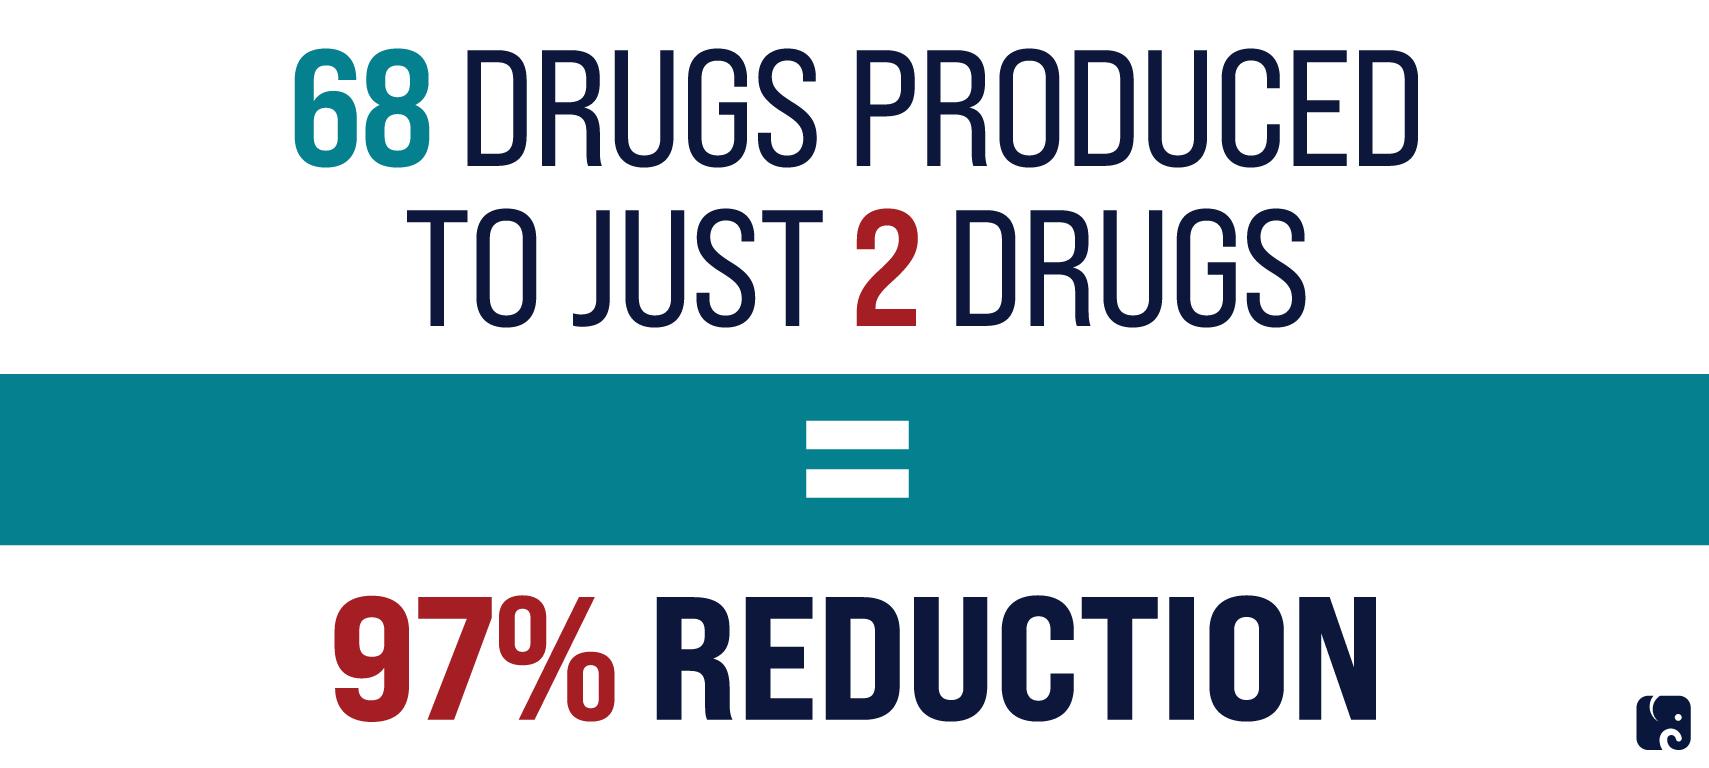 H3 Drug Pricing